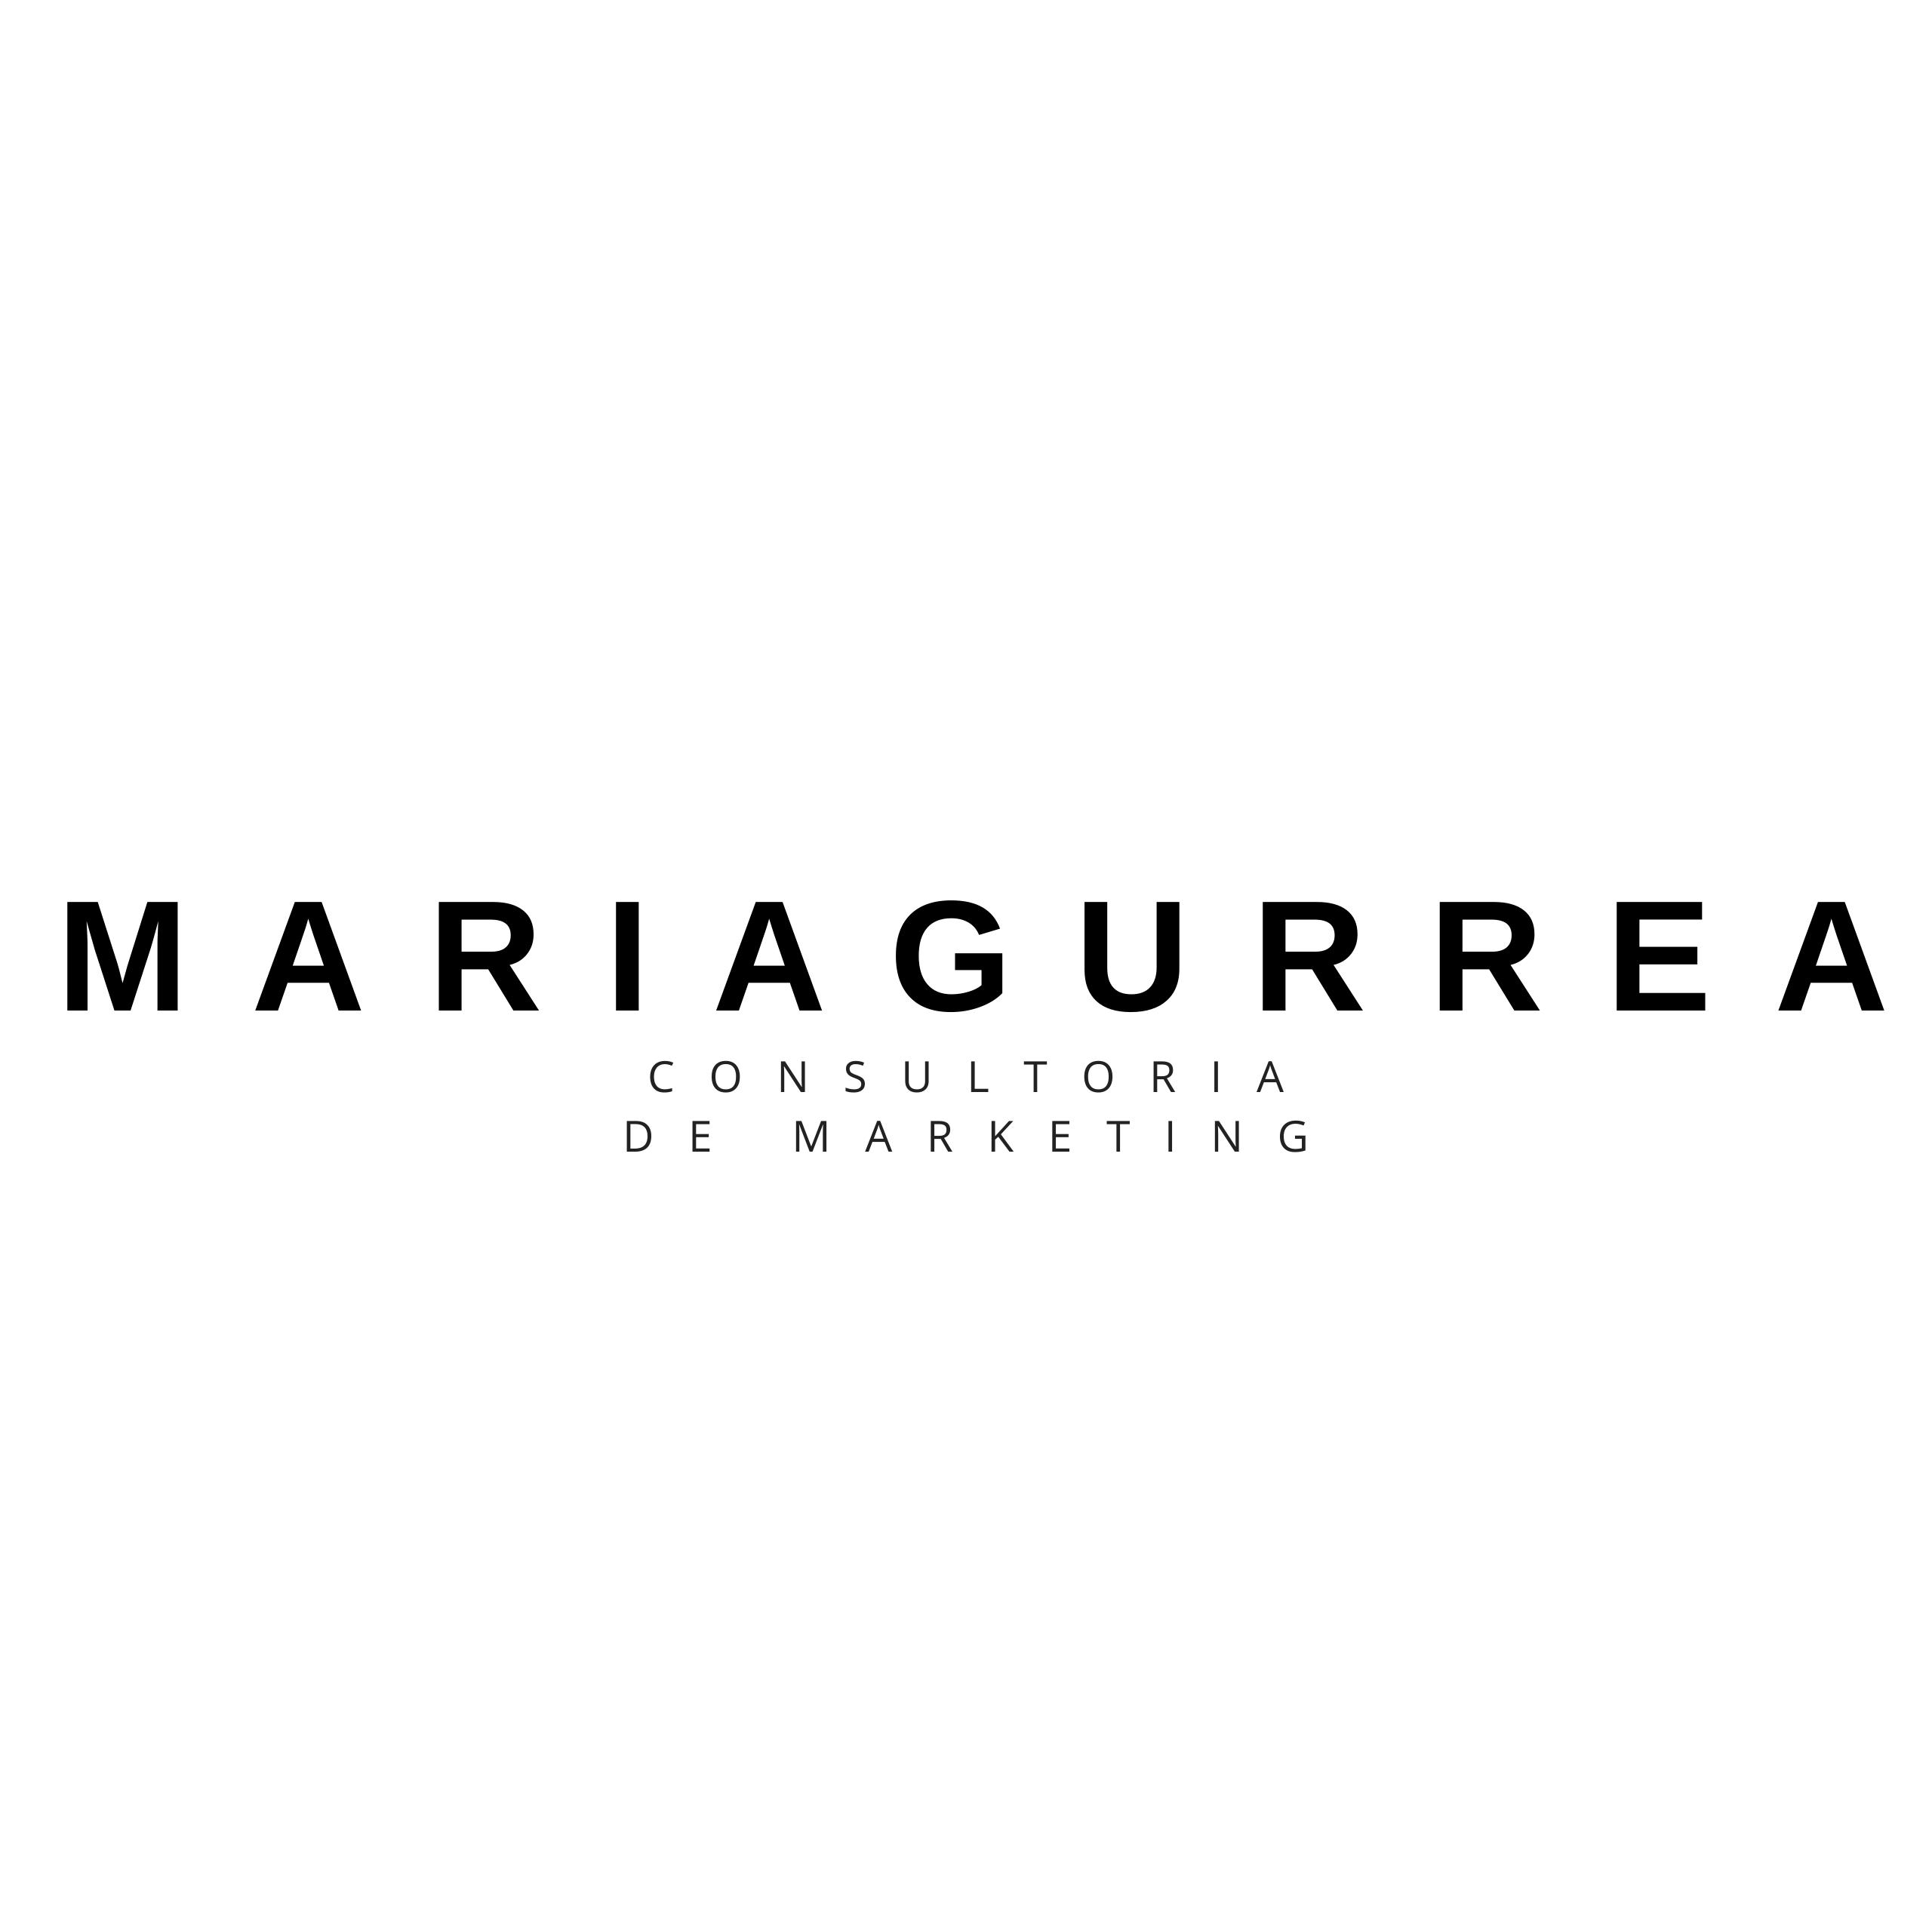 María Gurrea Consultoría de Marketing y Ventas